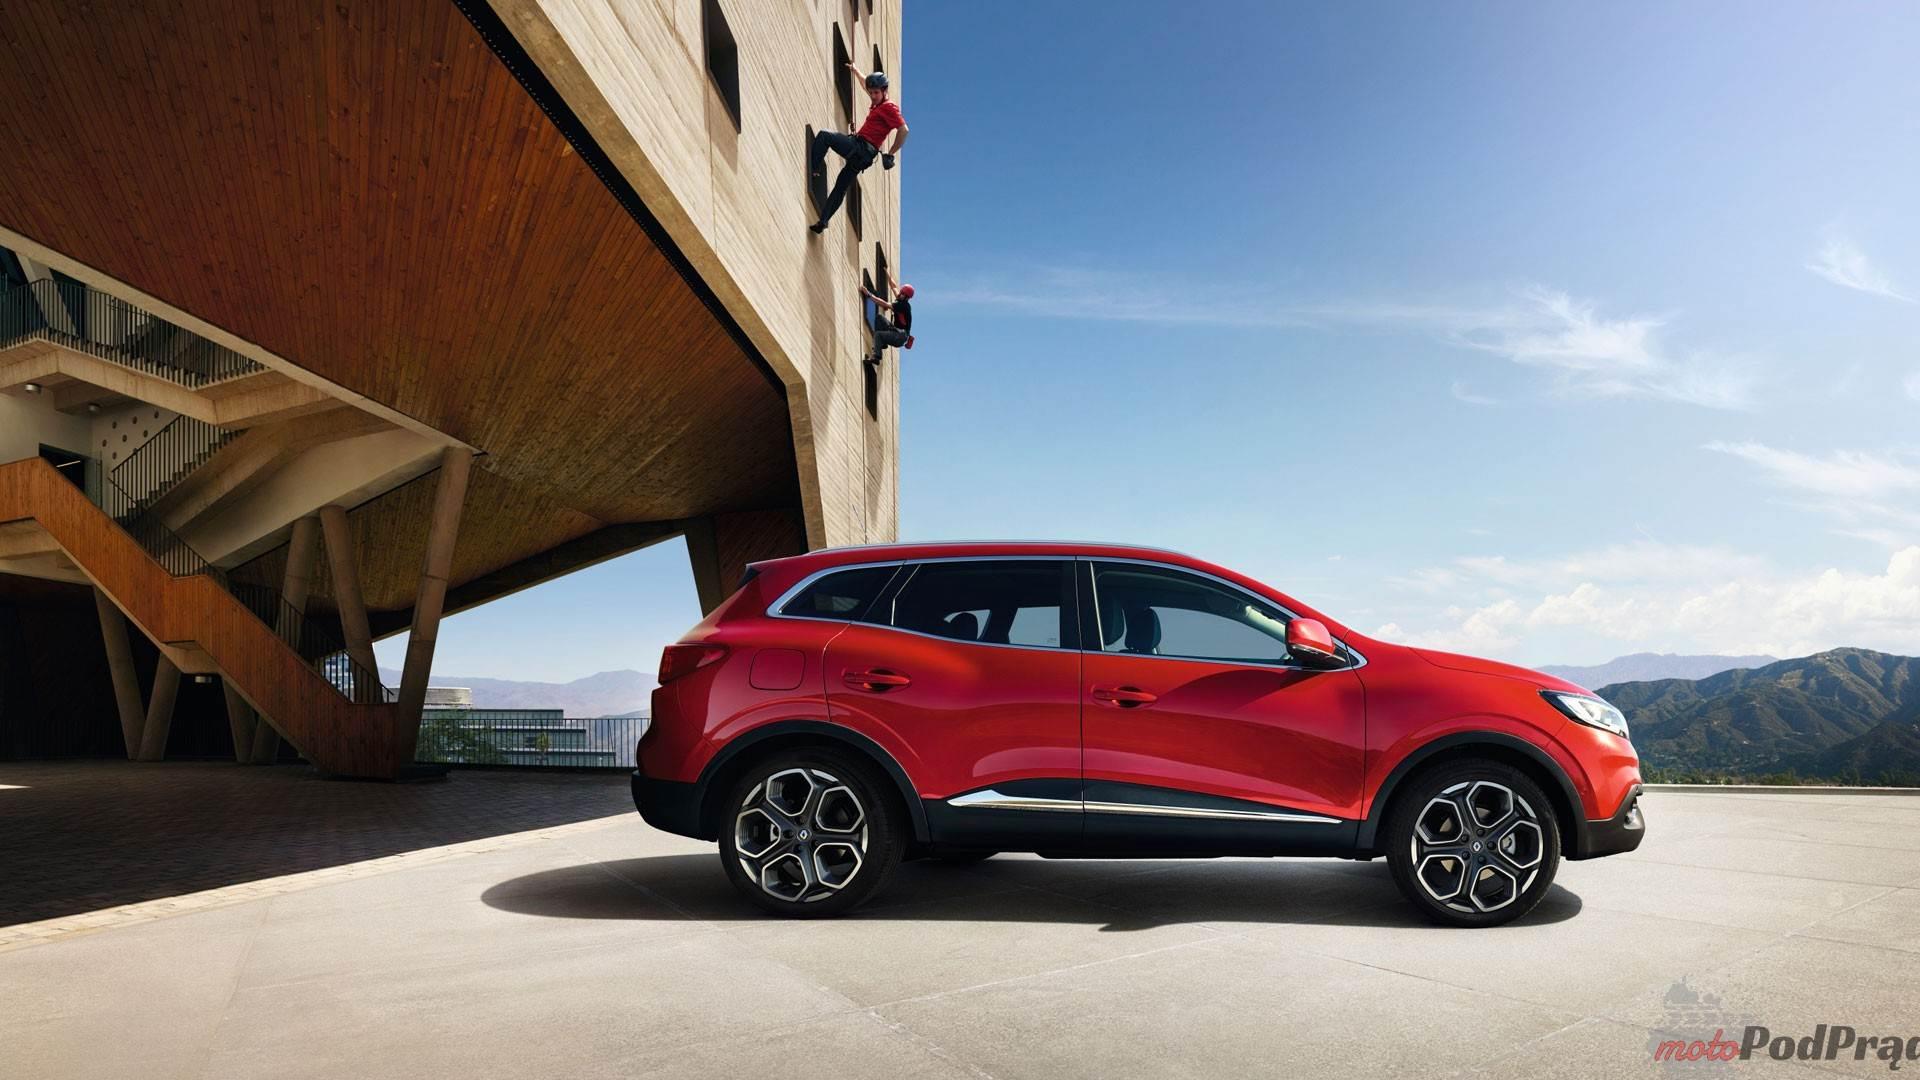 punkt 5 10 powodów, aby nie kupować Renault